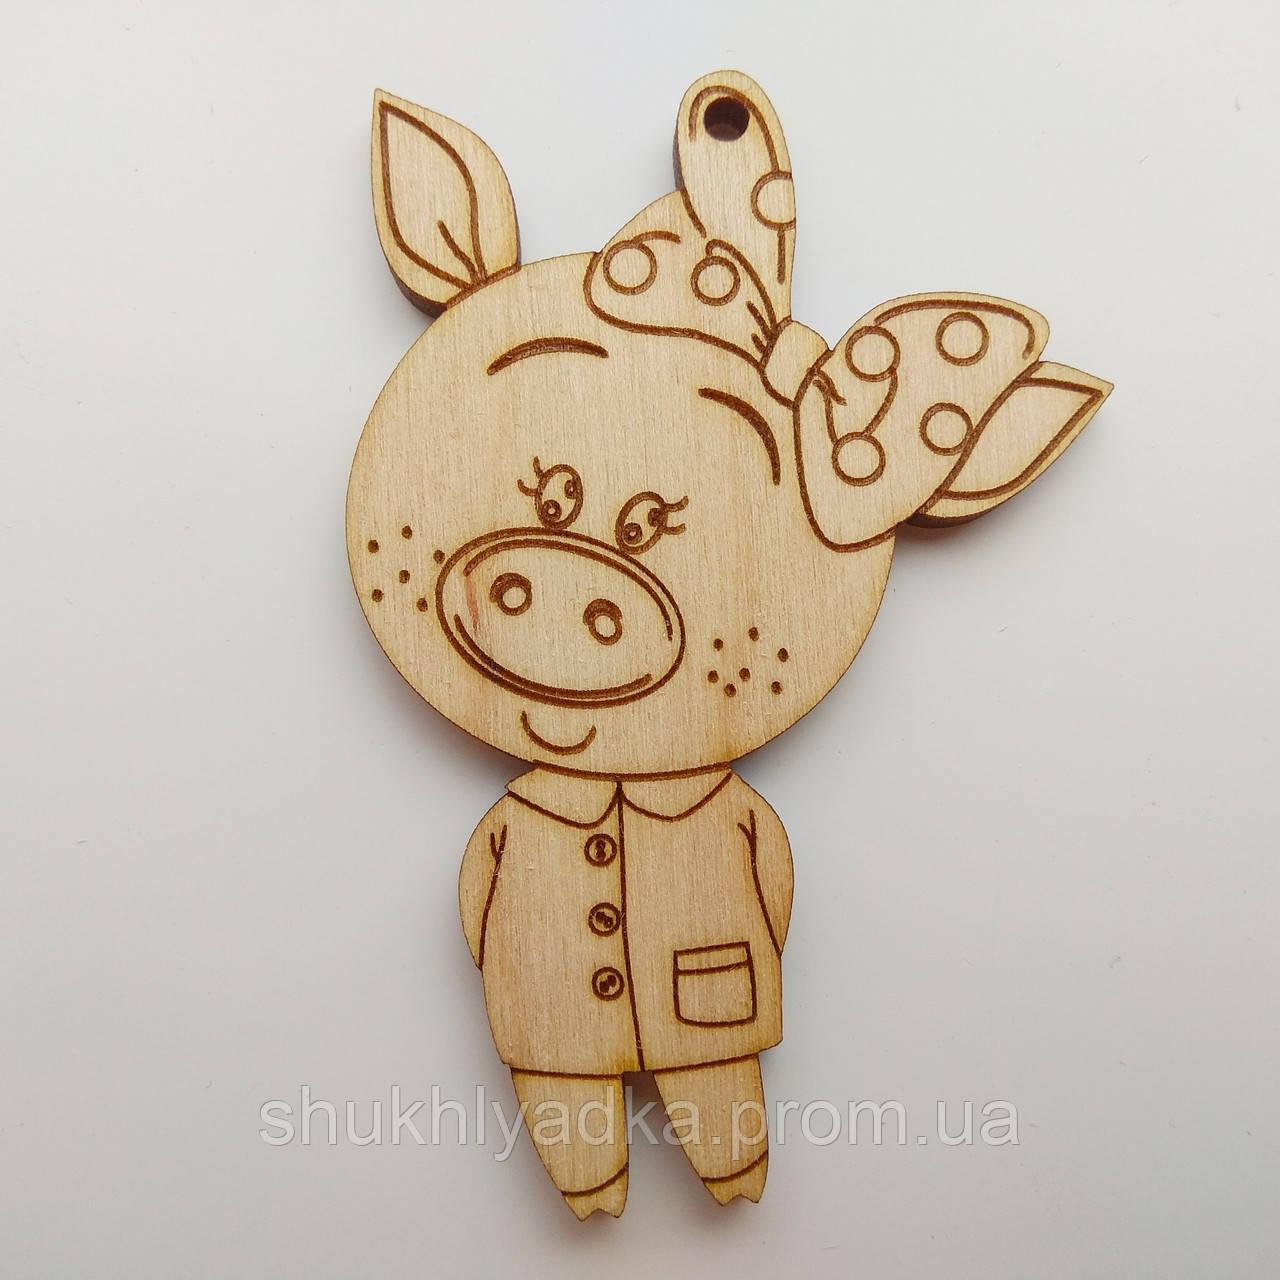 Новогодняя деревянная елочная игрушка Свинка с бантиком_деревянная заготовка_Новый год